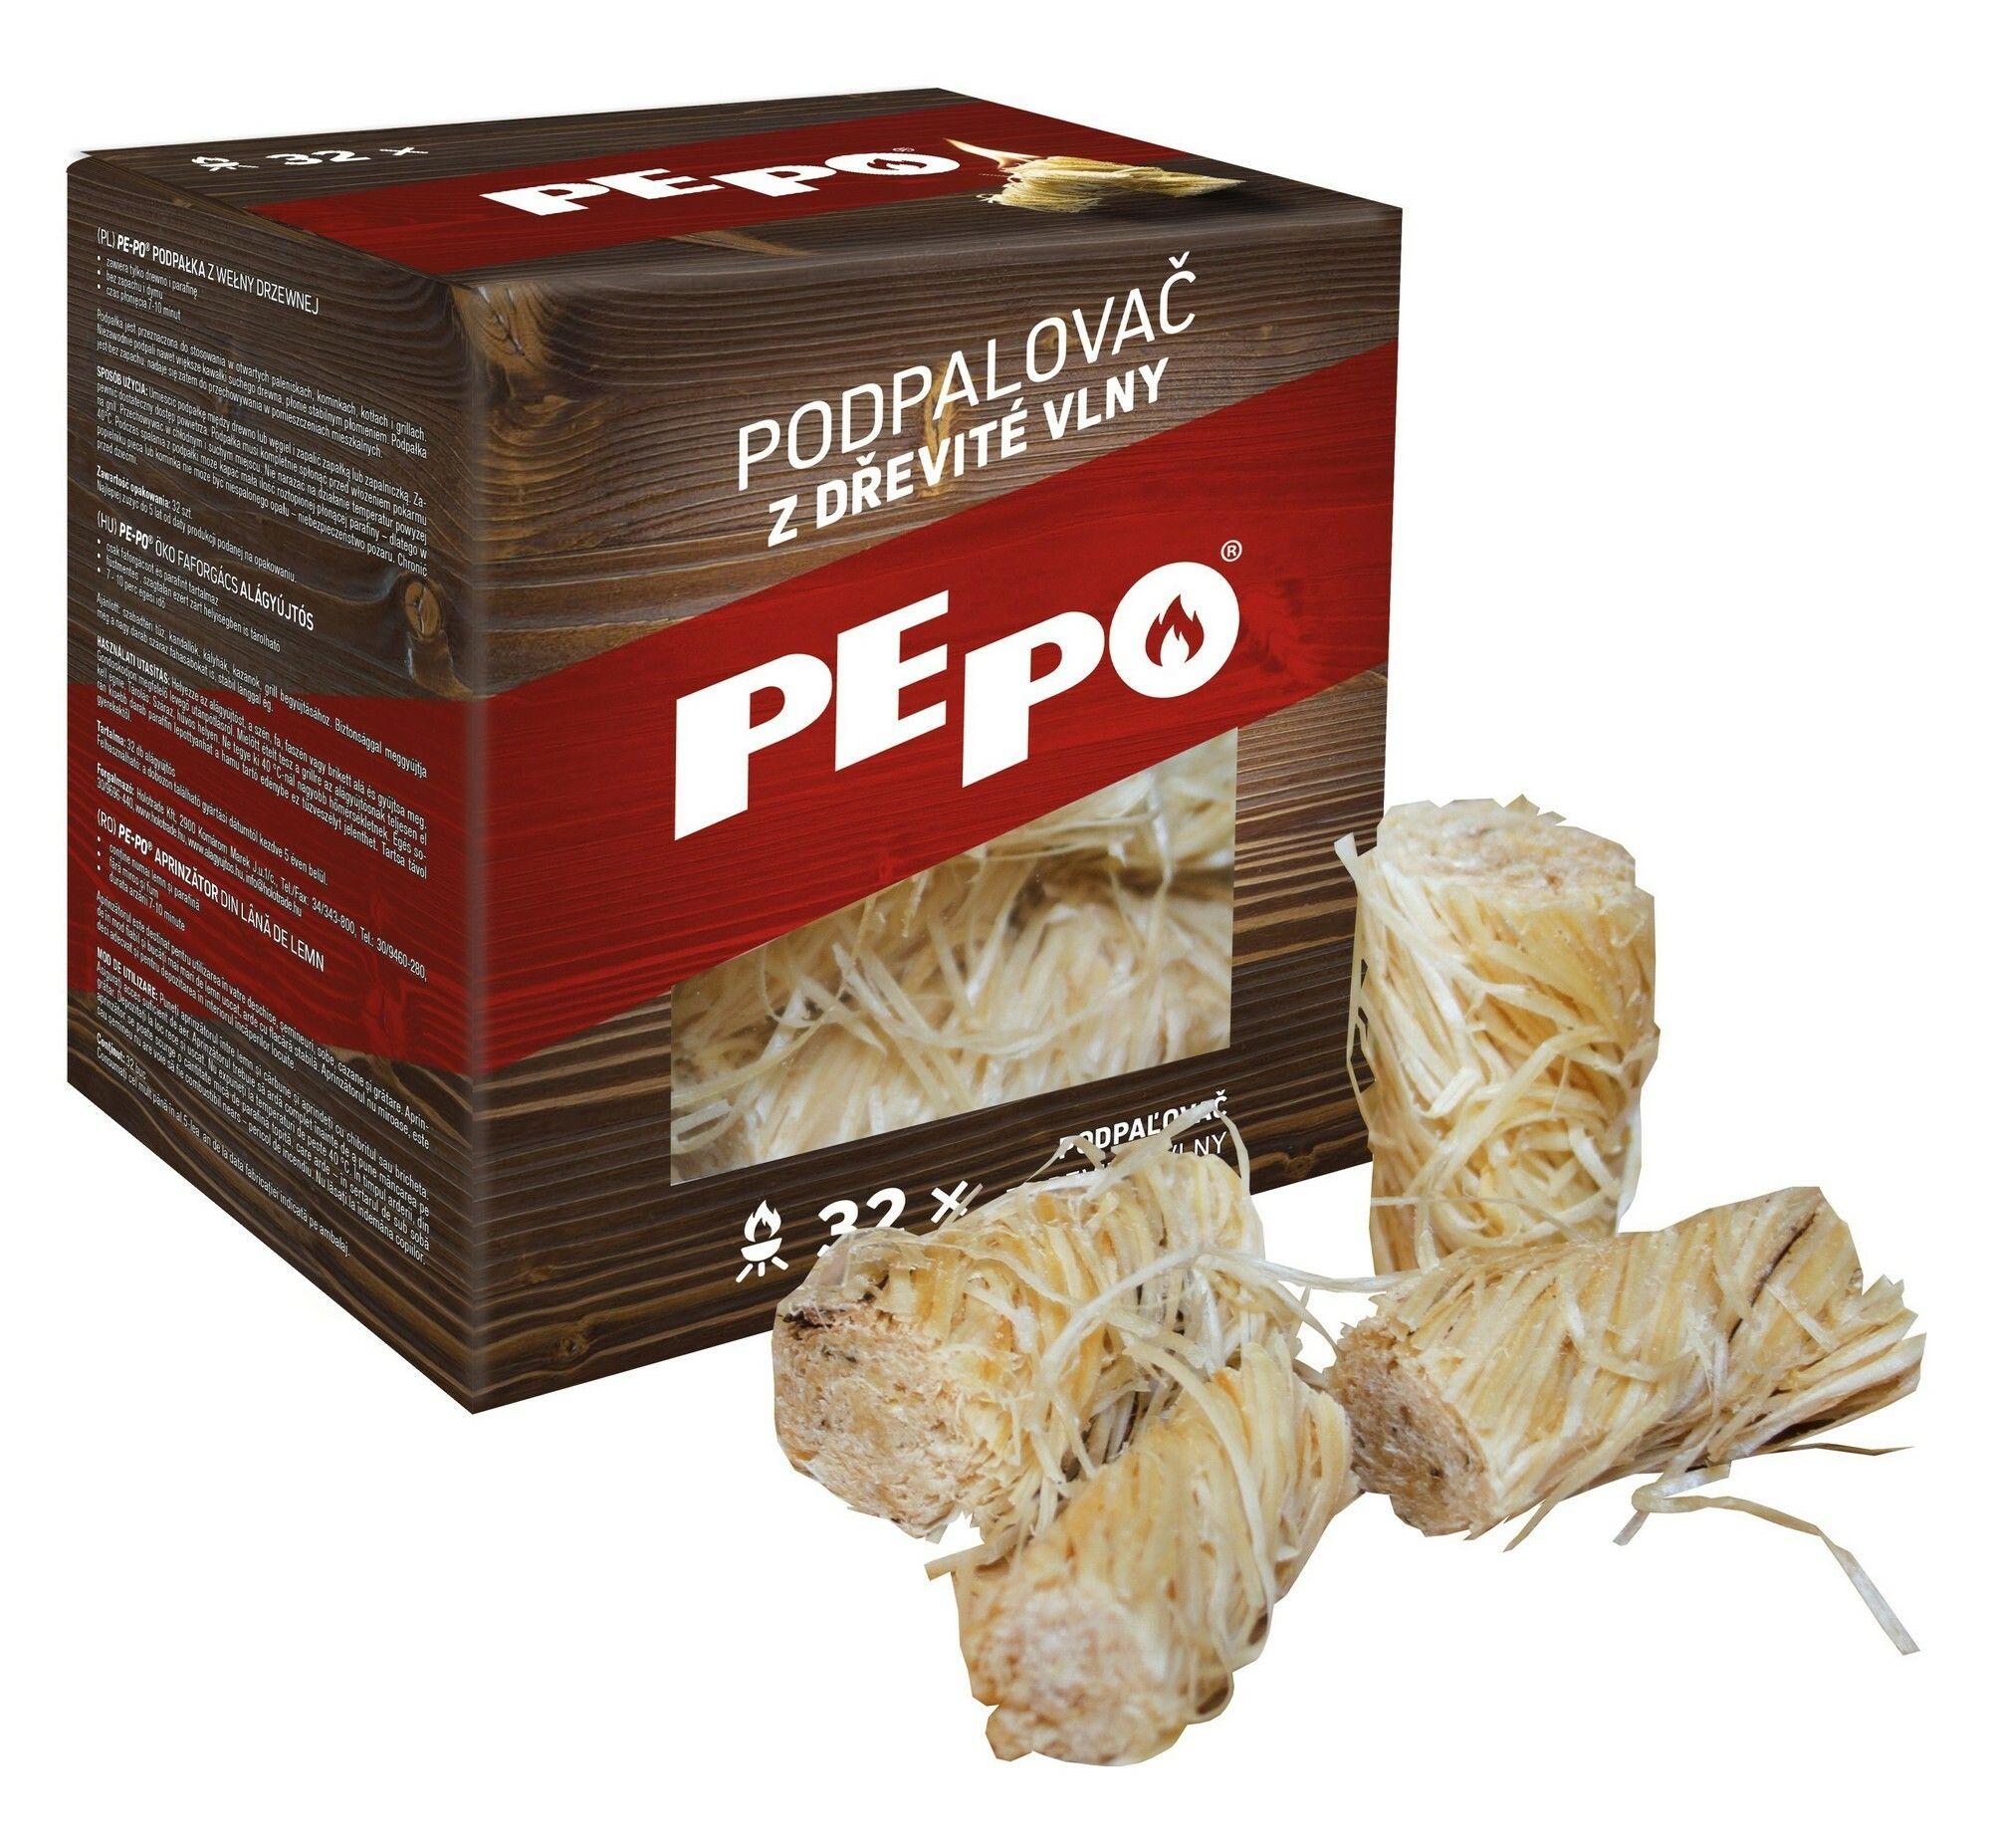 PE-PO podpalovač z dřevité vlny 32 ks PEPO